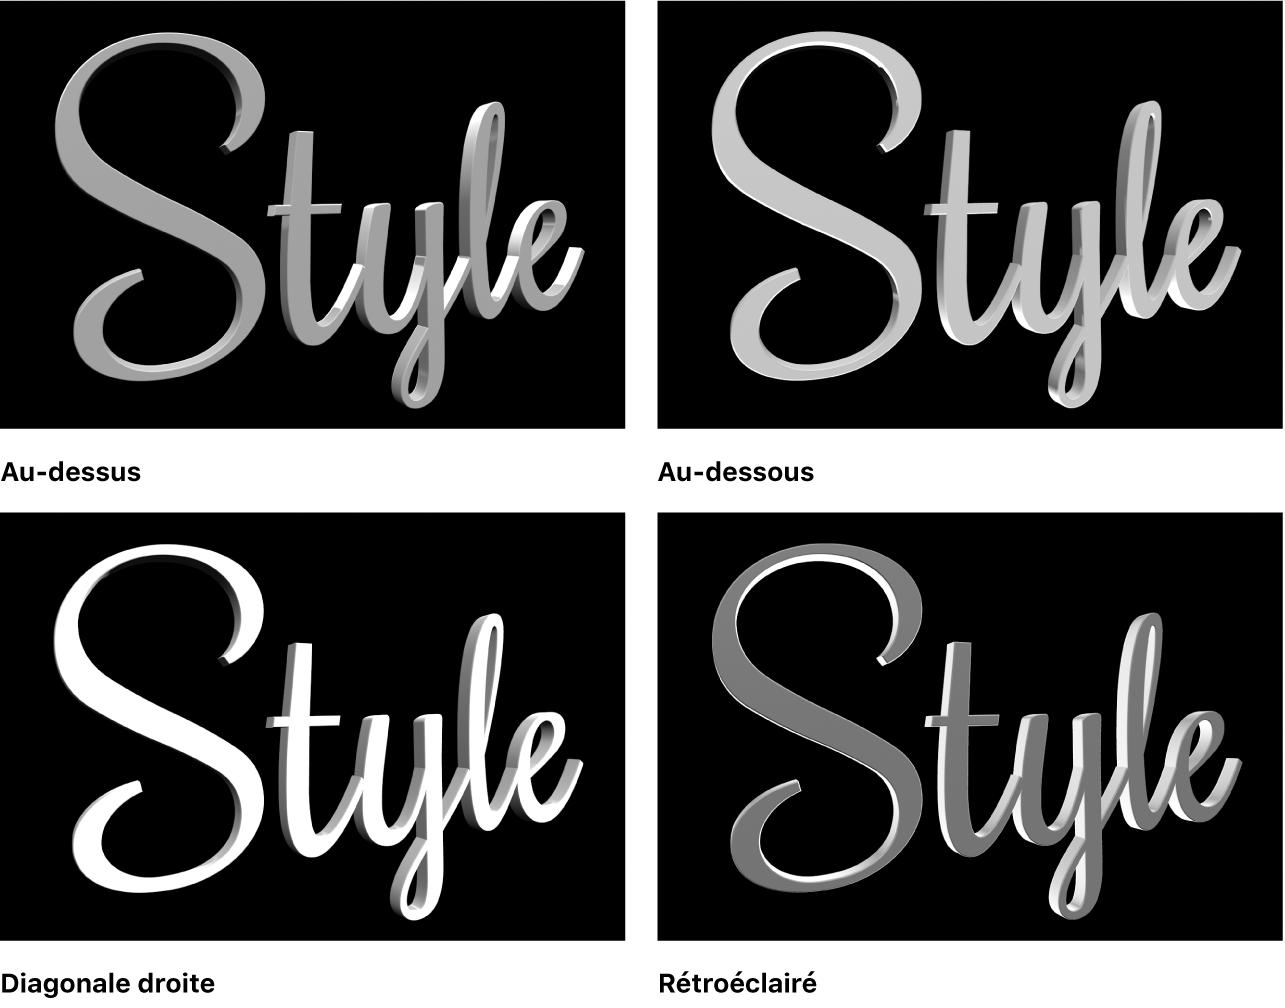 Titre3D avec quatre styles d'éclairage différents dans le visualiseur: Au-dessus, En dessous, Diagonale vers la droite et Rétroéclairé